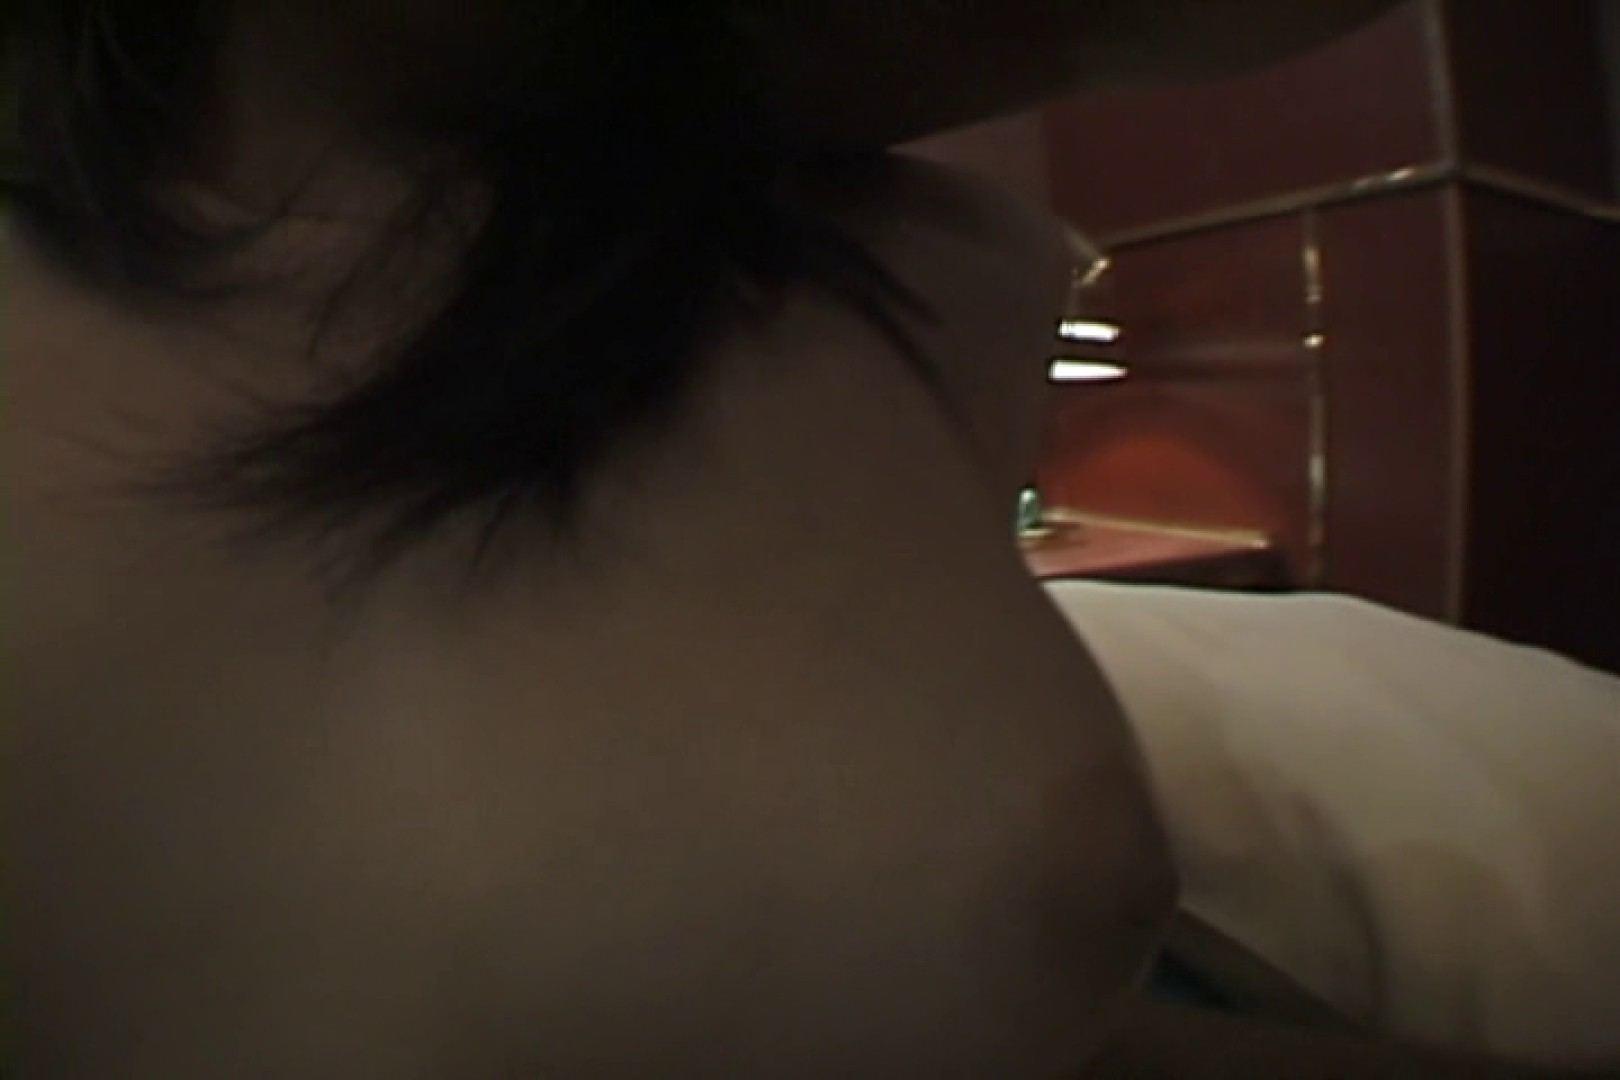 旦那との愛よりも、愛人とのSEX~片瀬梨子~vol,1 OLのエッチ 濡れ場動画紹介 107pic 65